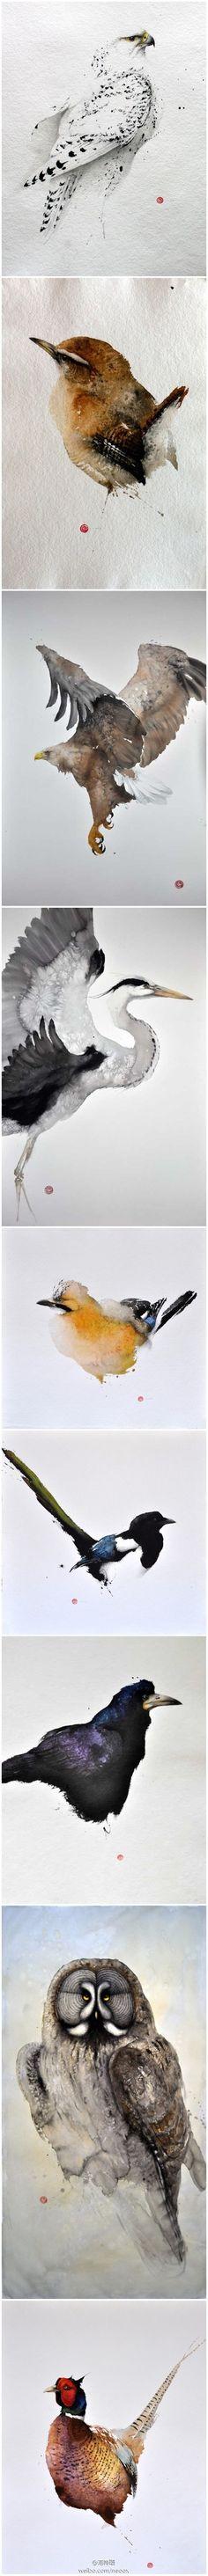 karl martens bird paintings - amazingly spirited watercolor paintings